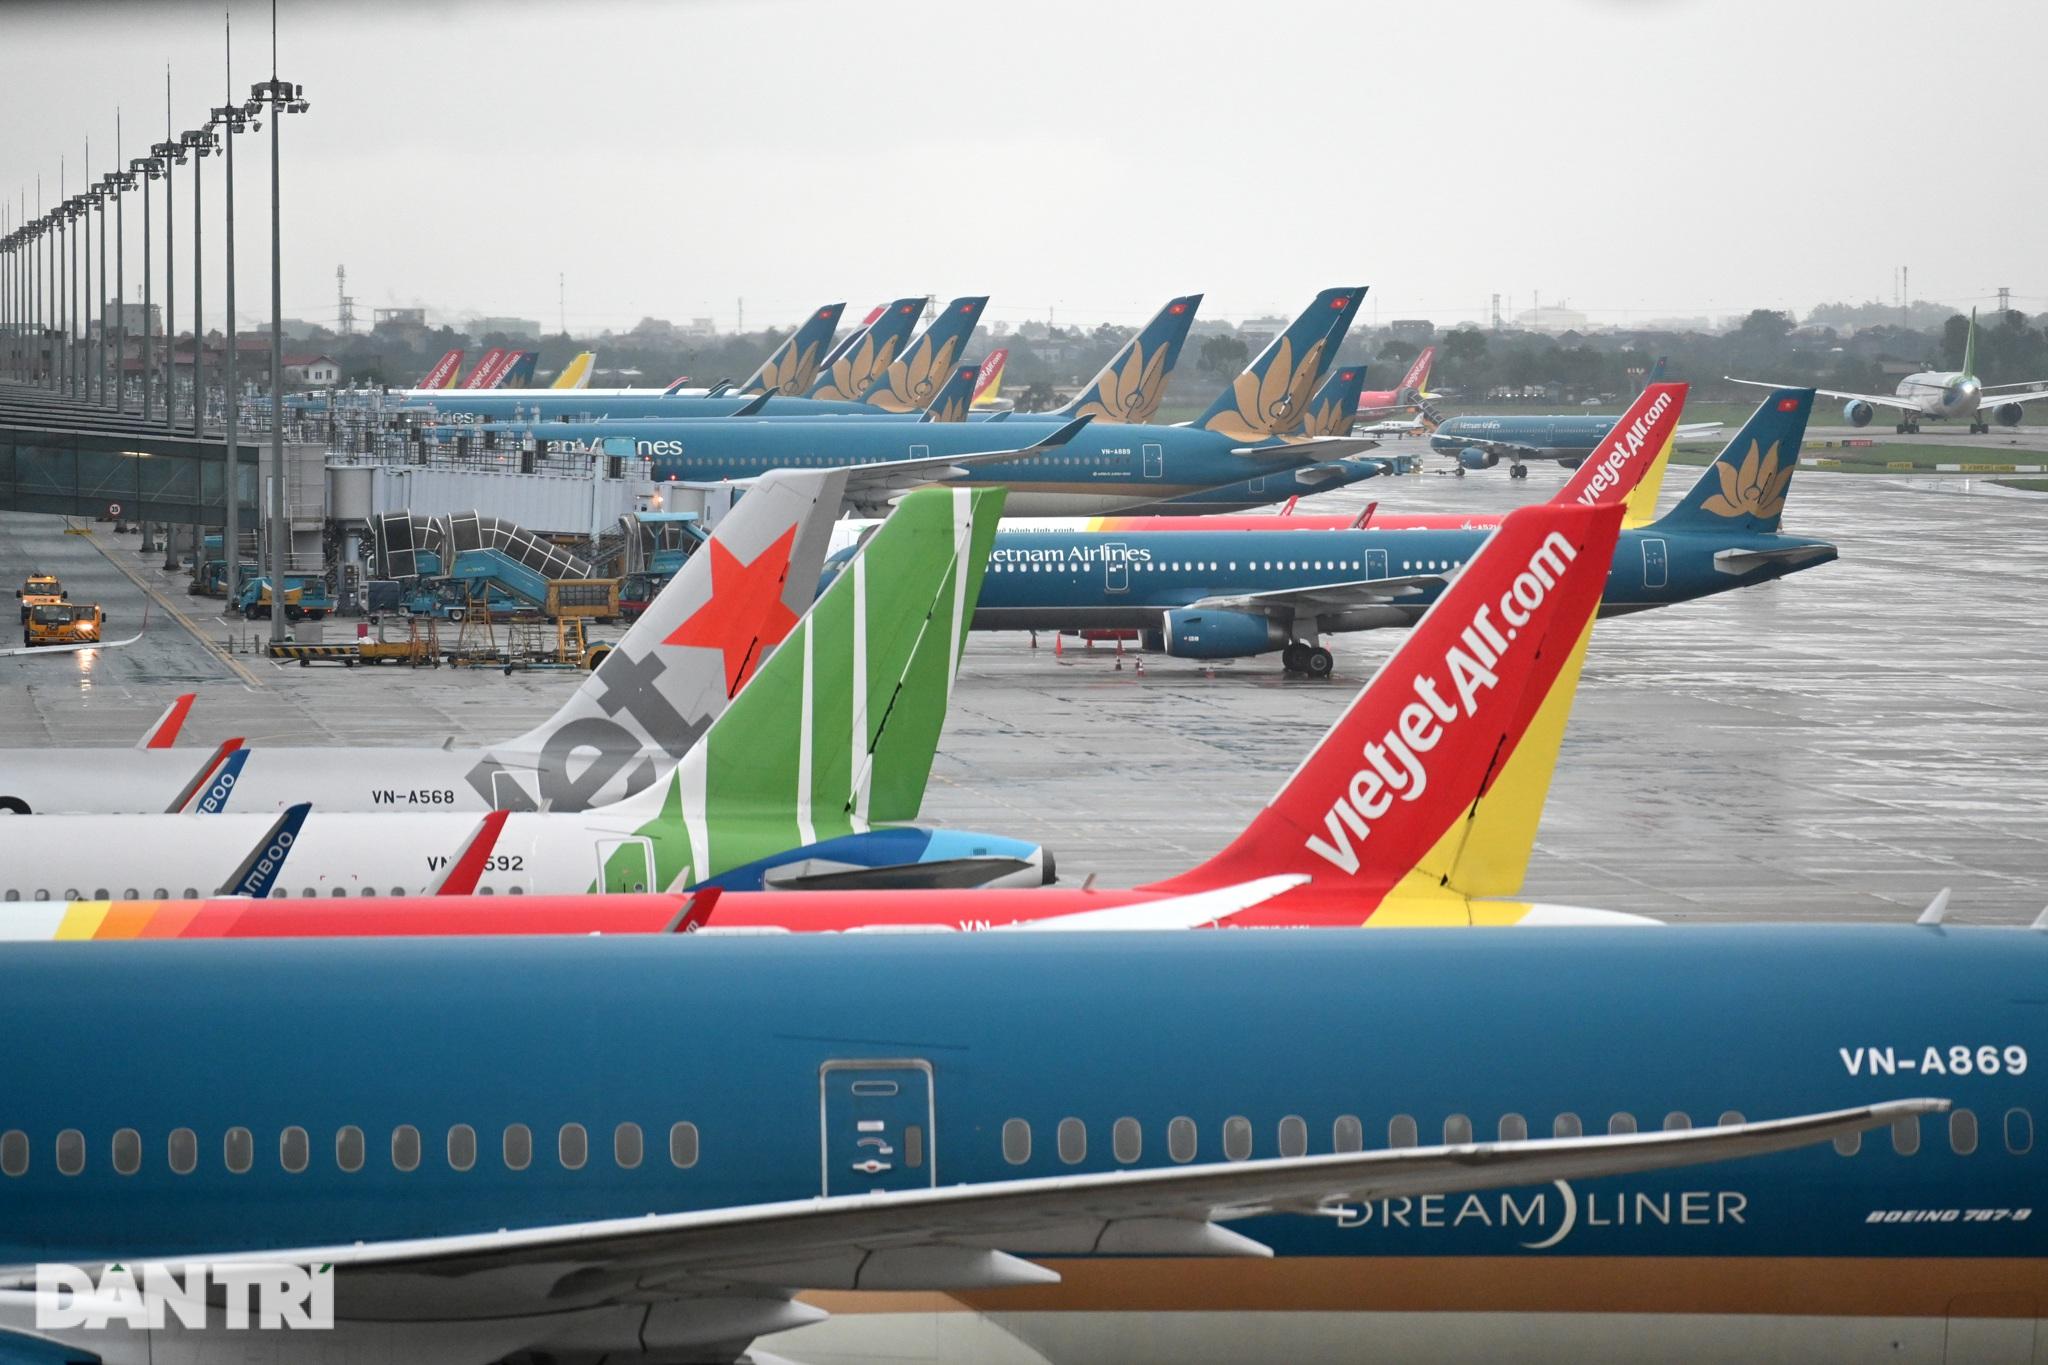 Thủ tướng: Tìm cách gỡ khó cho hàng không, nghiên cứu bán bảo hiểm Covid-19